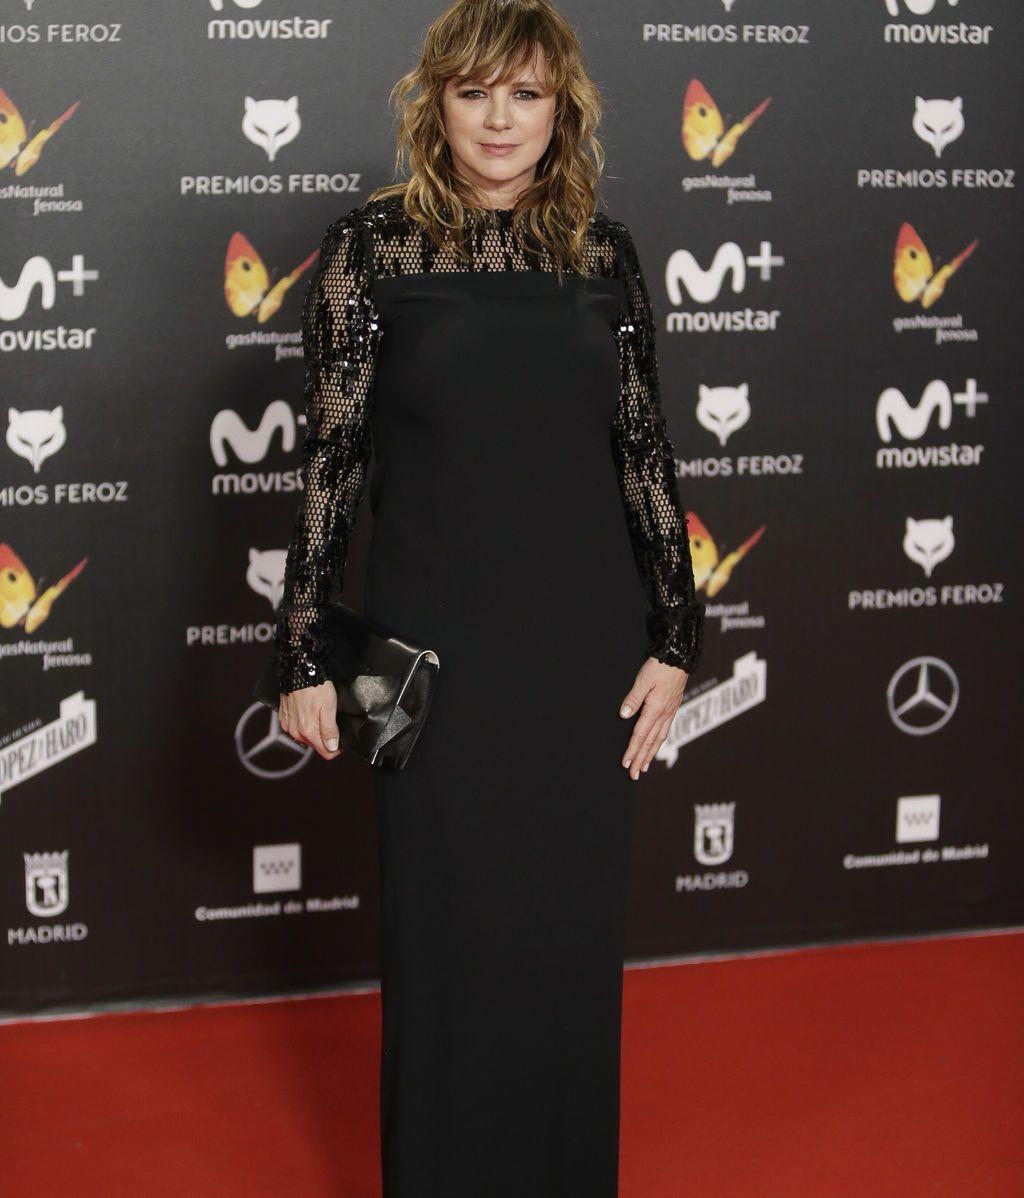 Emma Suárez, en negro y transparencias, ganadora de uno de los Feroz